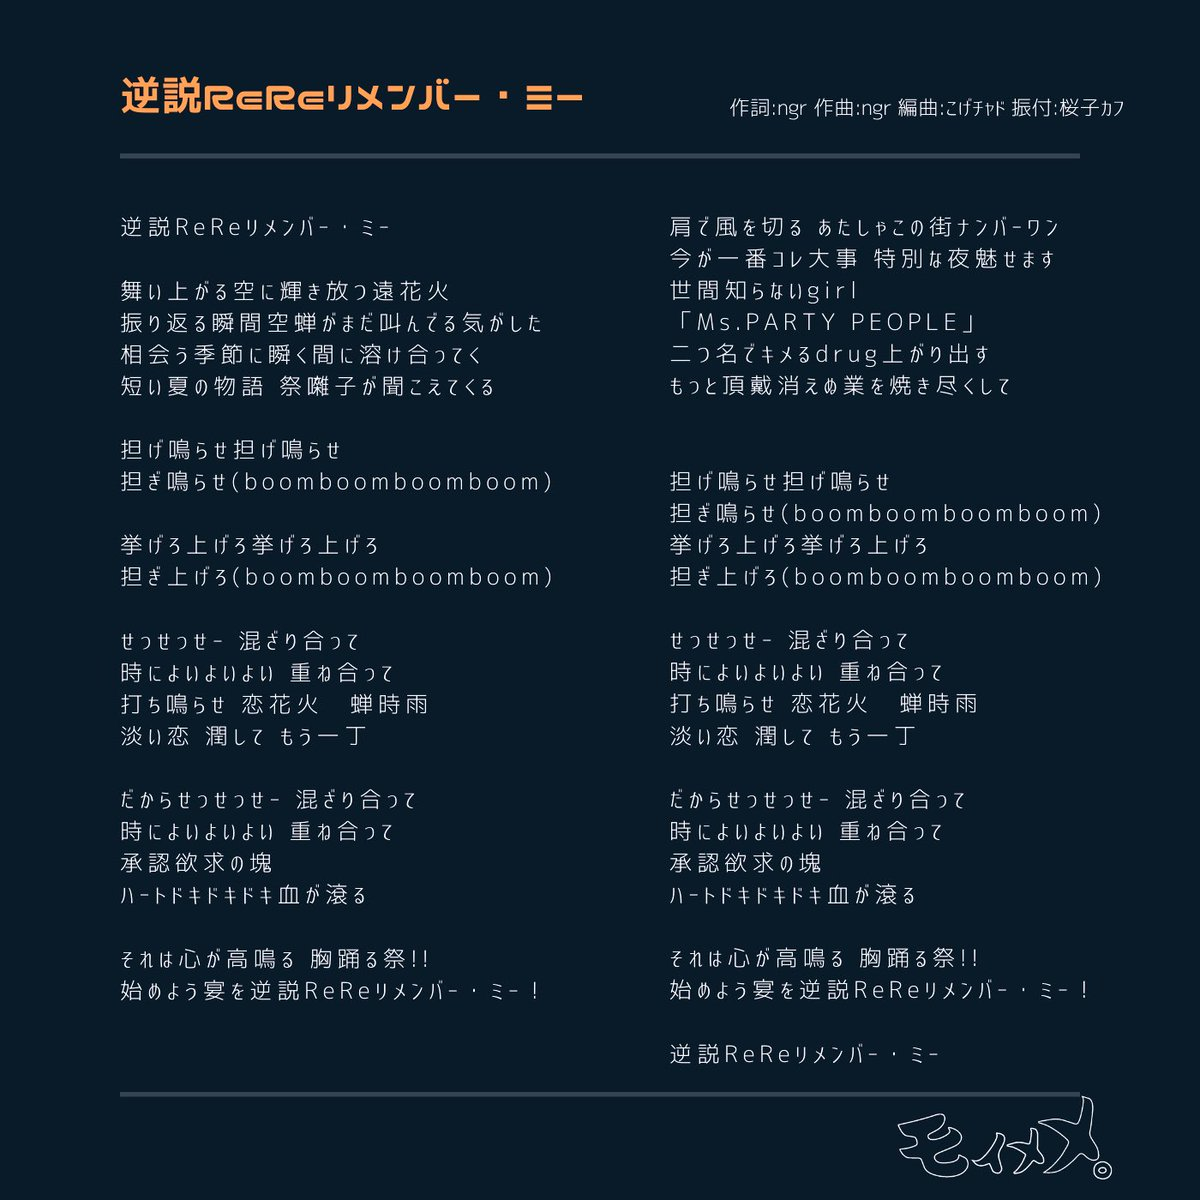 test ツイッターメディア - 2020/9/21(mon) 「エキセントリックトーキョー」 @池袋SOUNDPEACE  #モイメメ 1 逆説ReReリメンバー・ミー(新曲) 2 シュラルラ 3 THE WORLD PARTY LIGHT -MC- 4 少年の詩  夏の終わりを奏でる新曲 「逆説ReReリメンバー・ミー」 でした。有難う御座いました。 https://t.co/FlrJD8nvkA